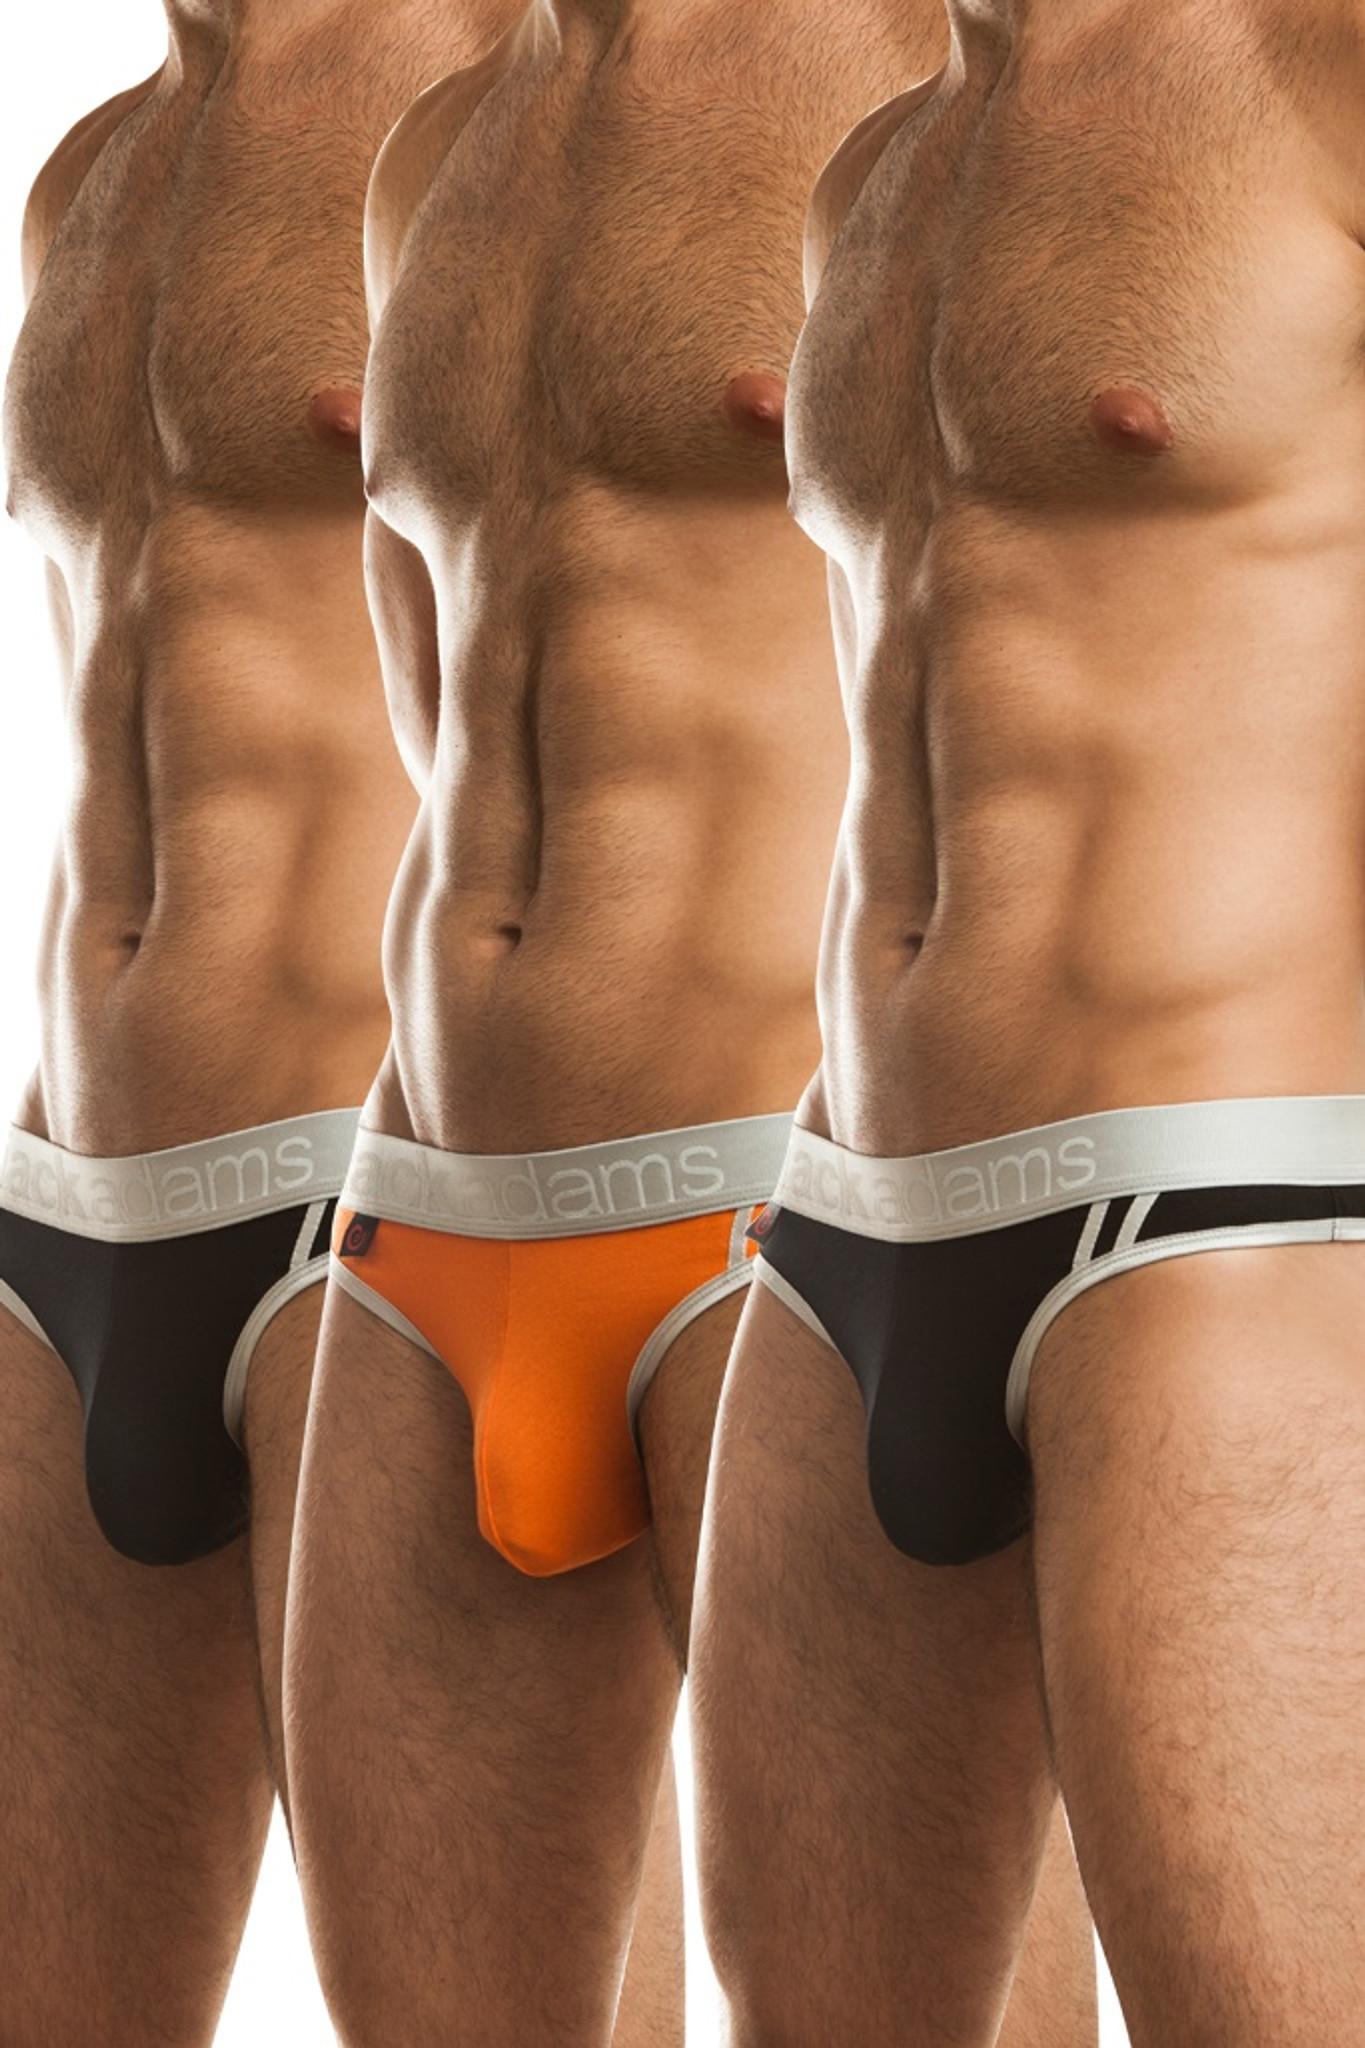 Jack Adams LUX Thong Multi-Pack in black (2) and orange (1)